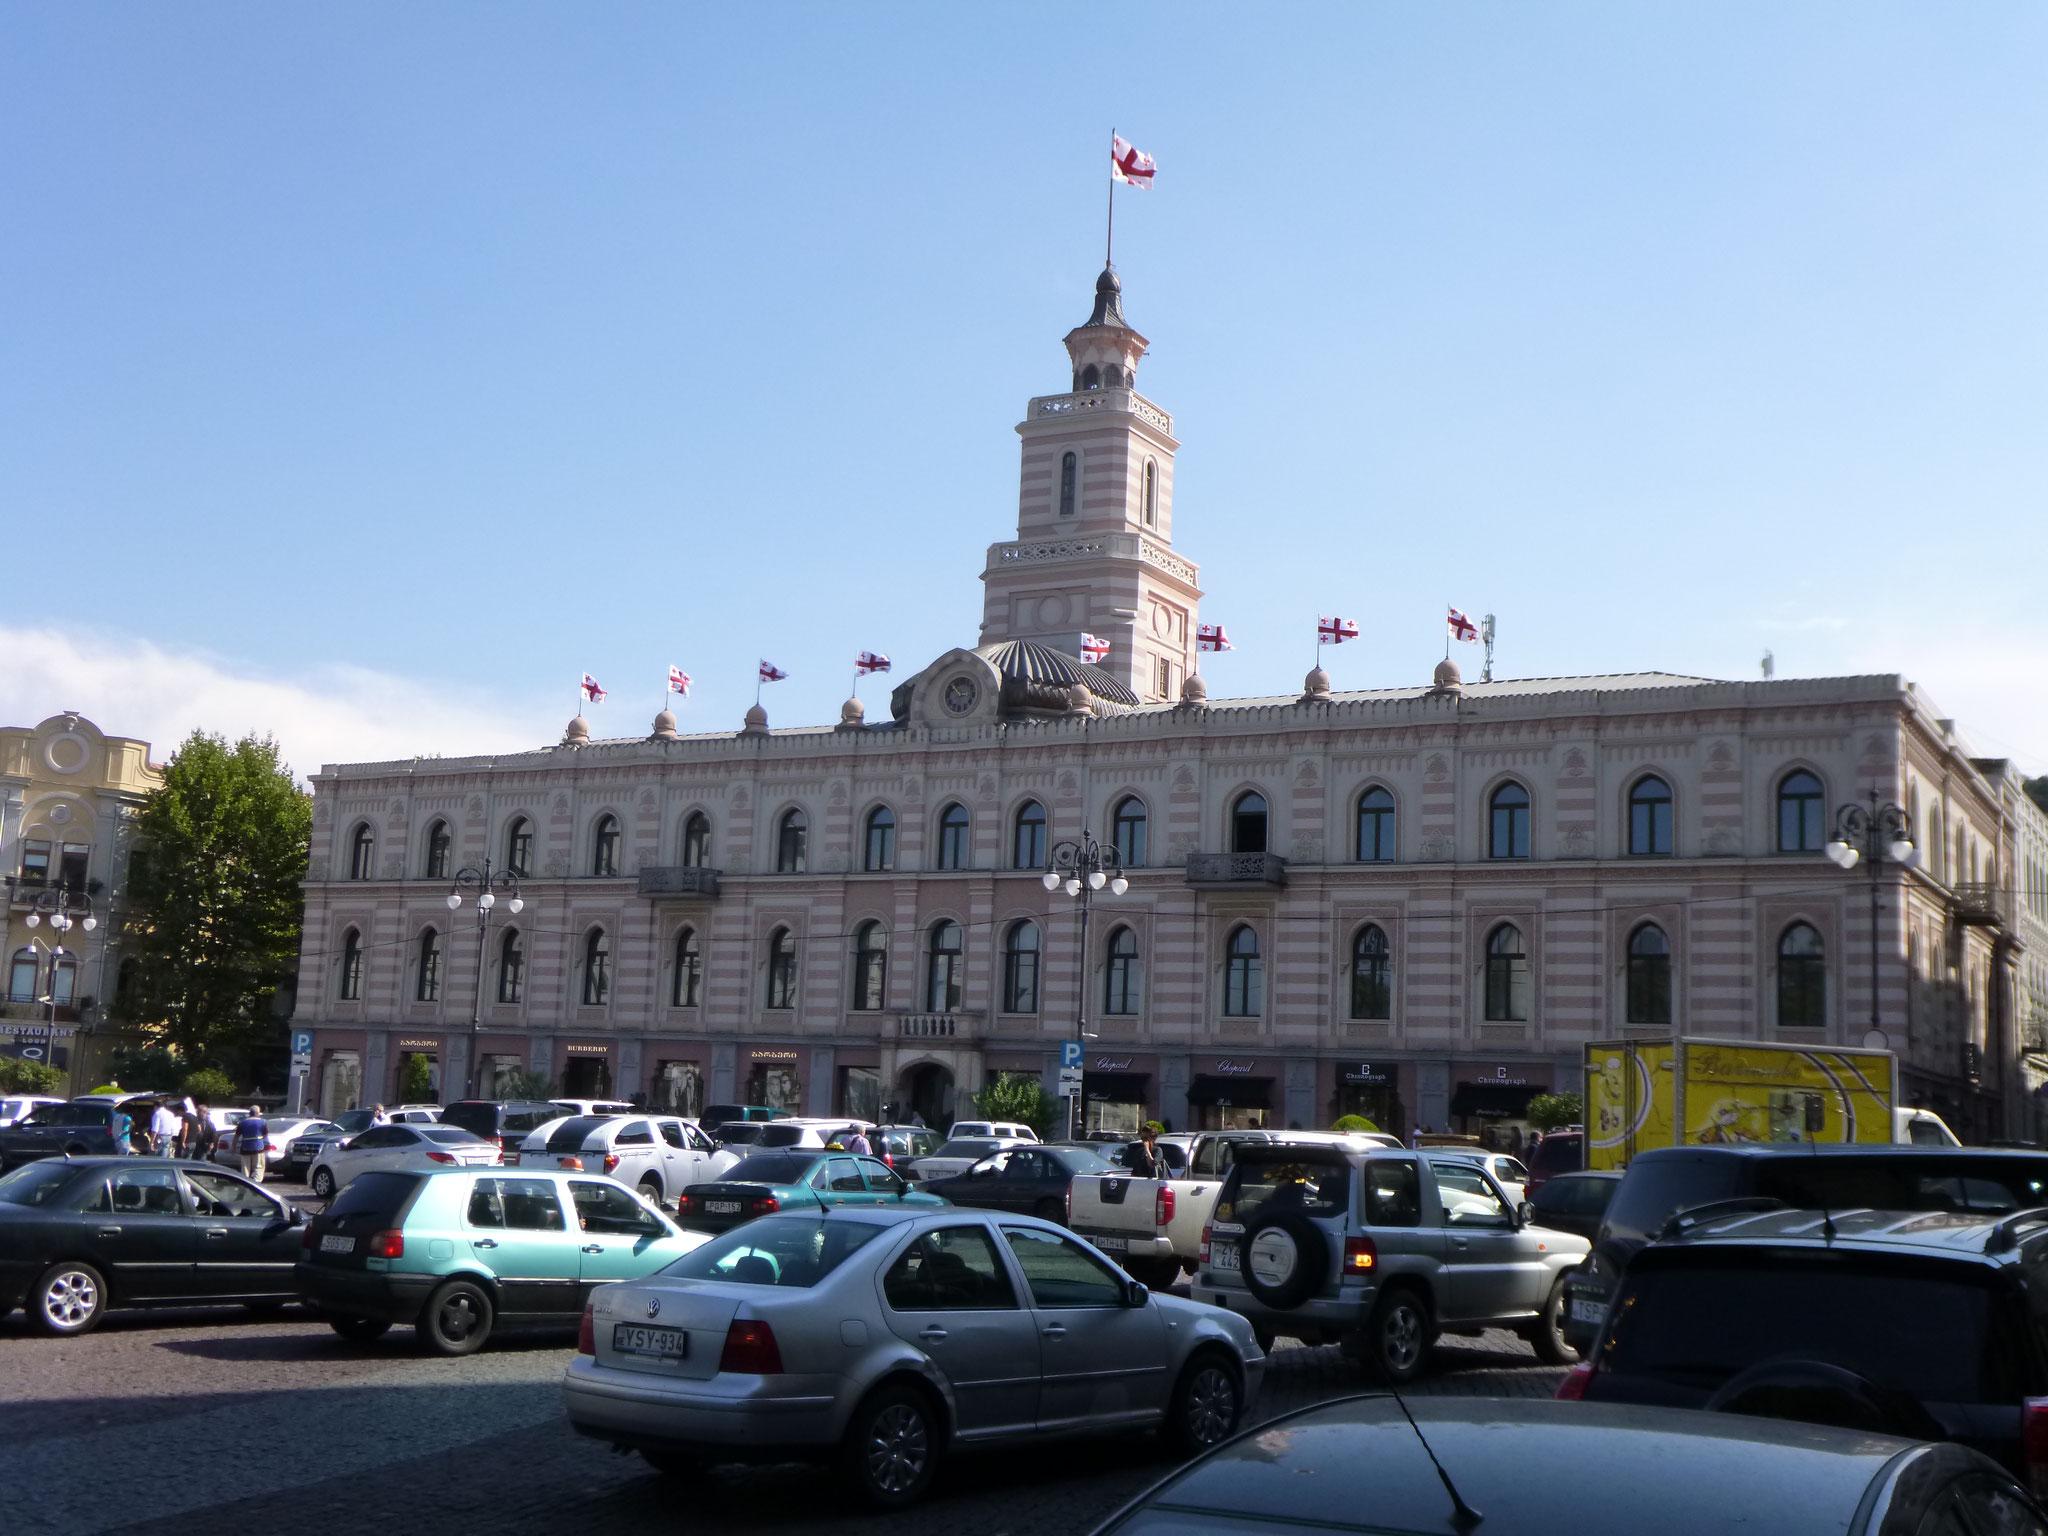 Altes Rathaus in Tiflis / Tbilissi